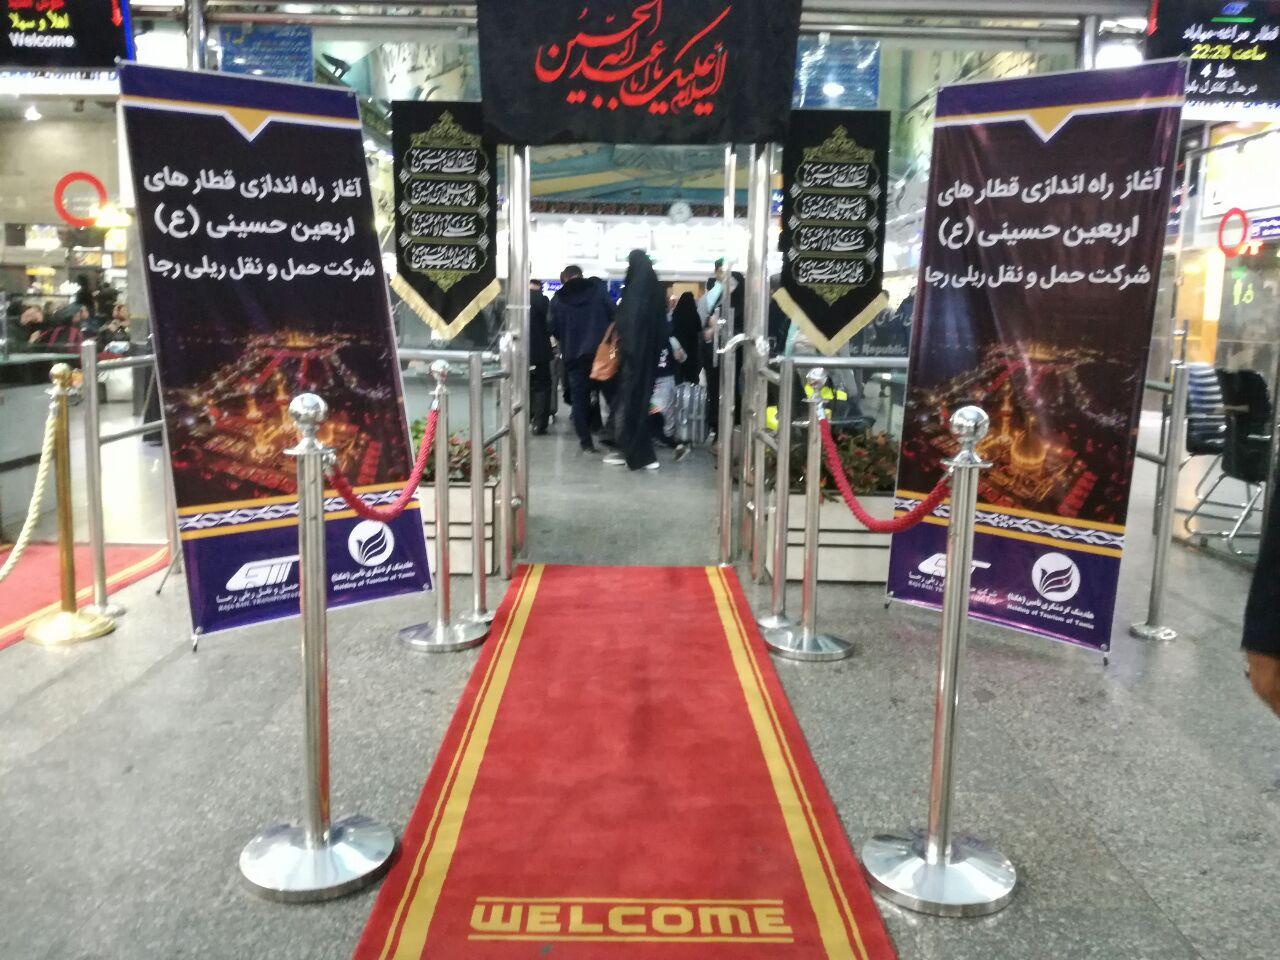 تمهیدات راه آهن تهران برای زائران اربعین/ارائه روزانه ۱۲ رام قطار فوق العاده به سمت مرز